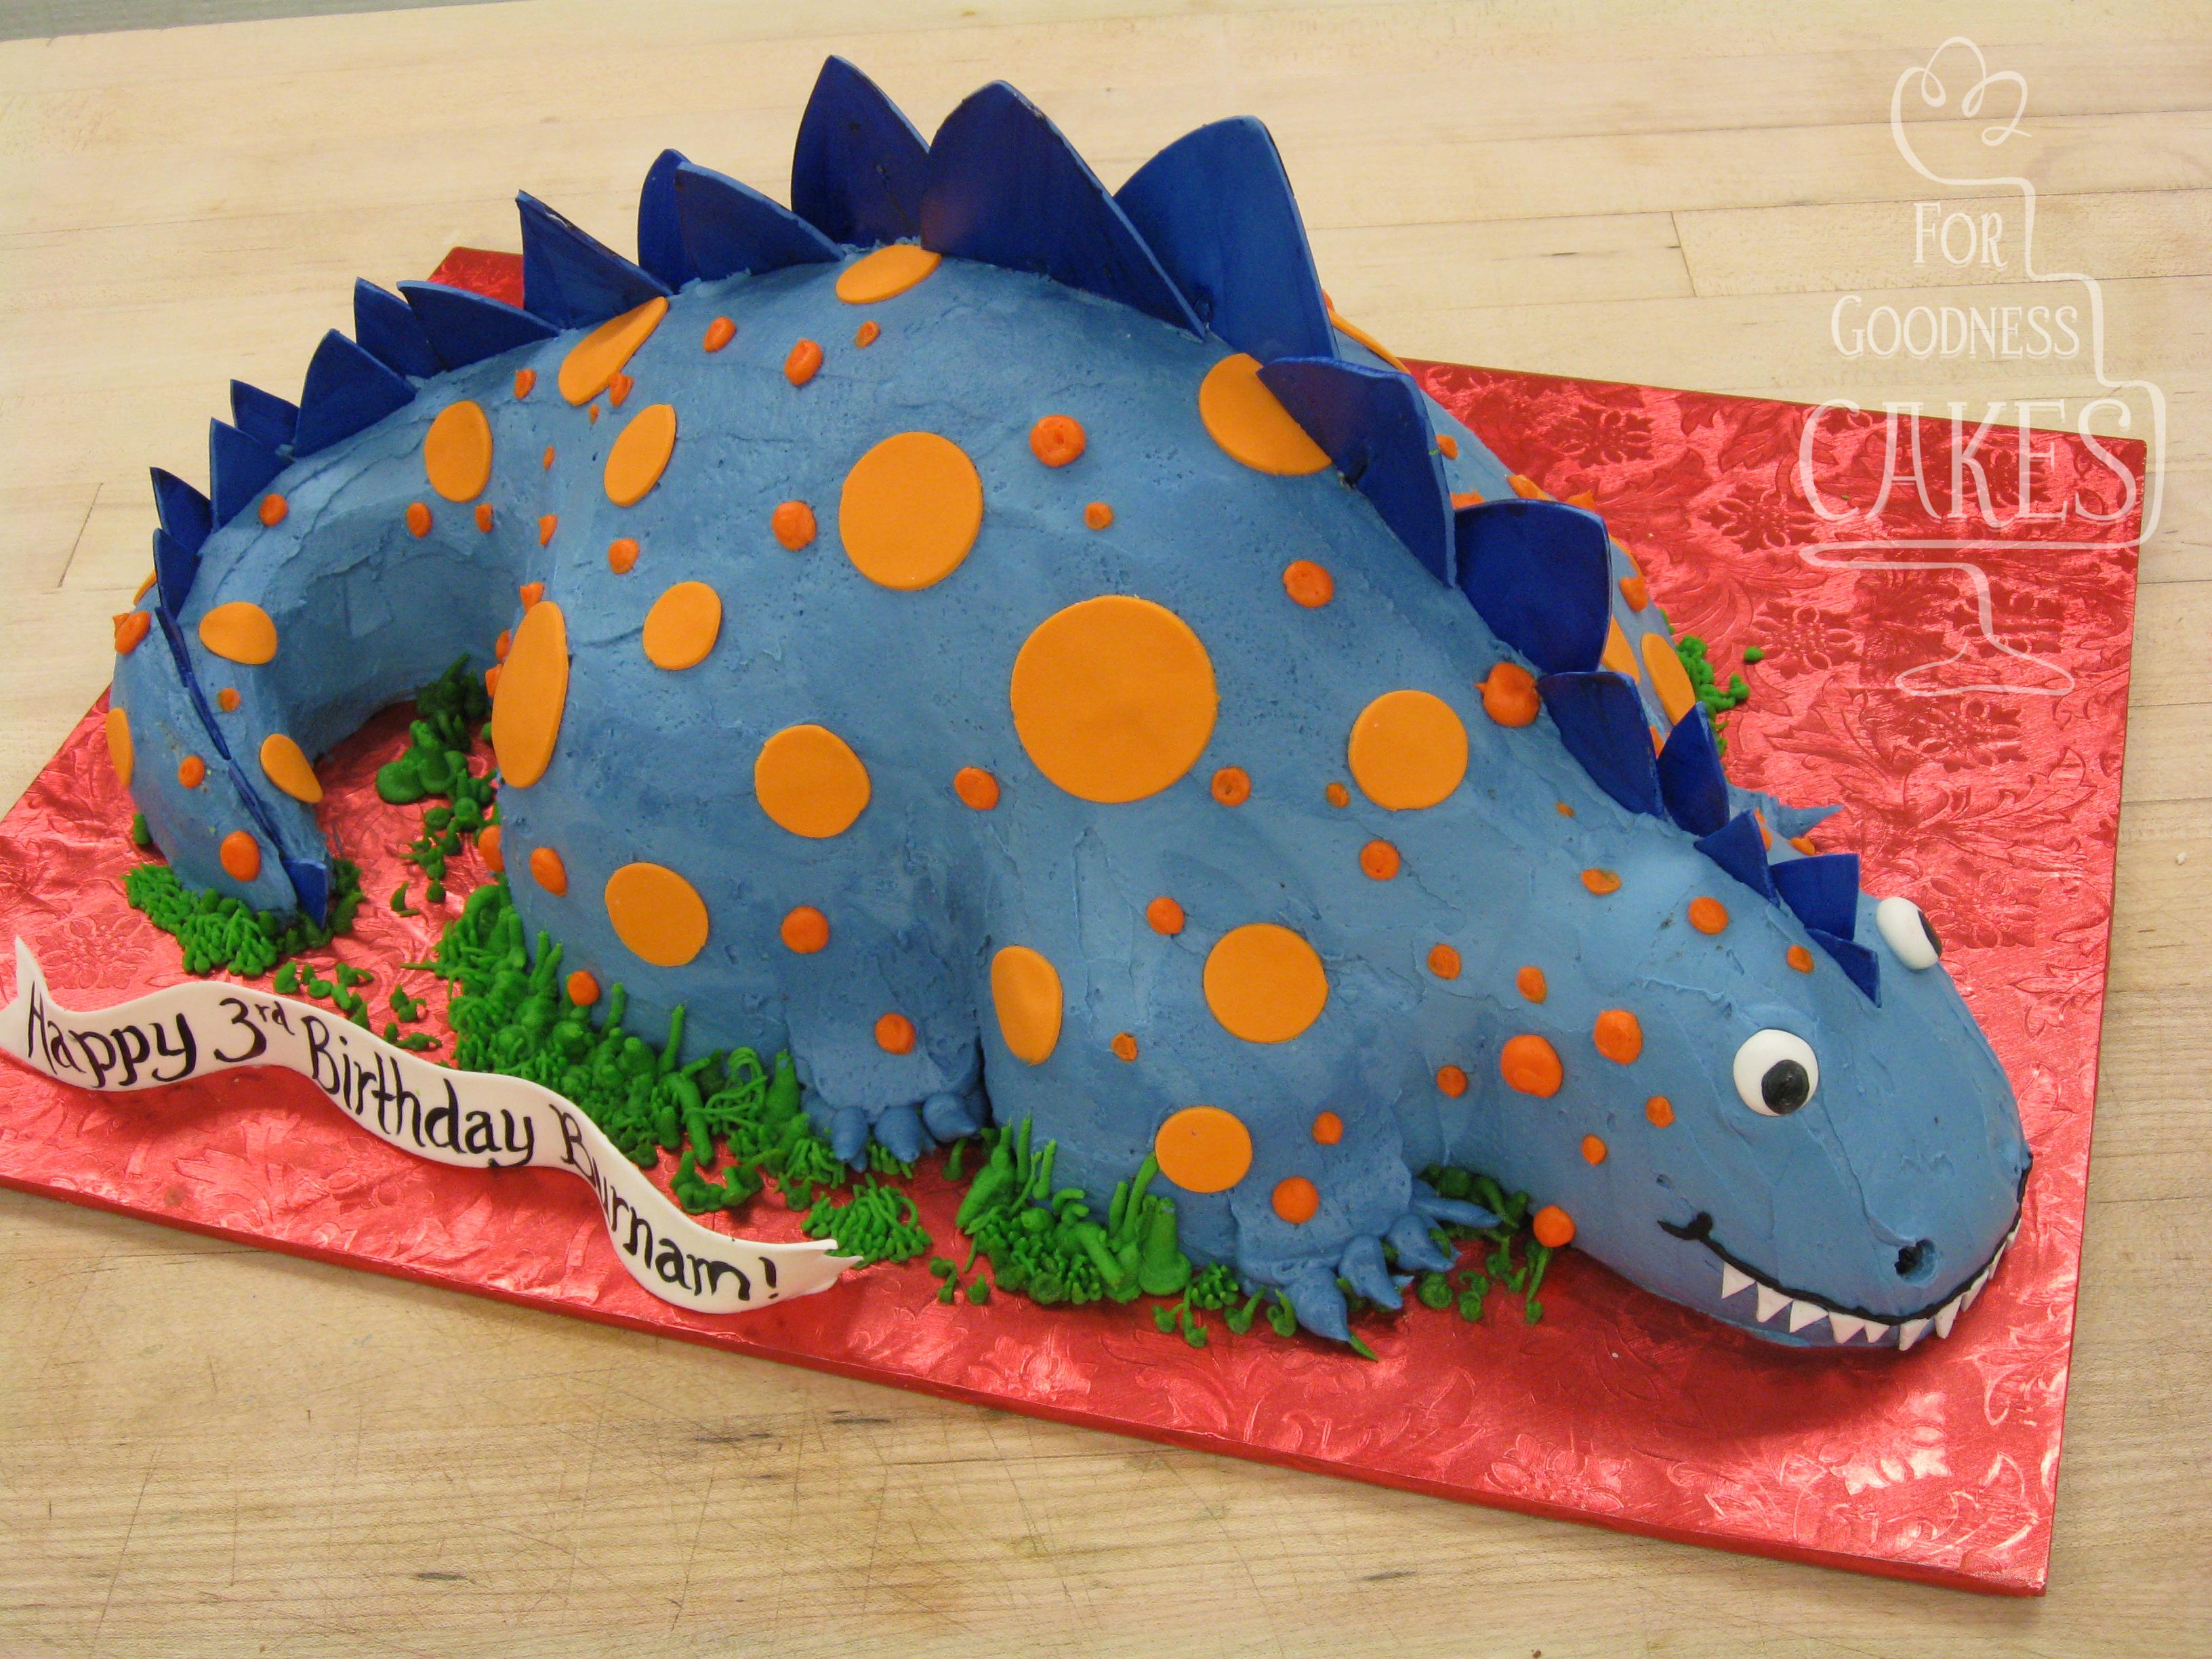 Blue Dinosaur Cake For Goodness Cakes Of Charlotte